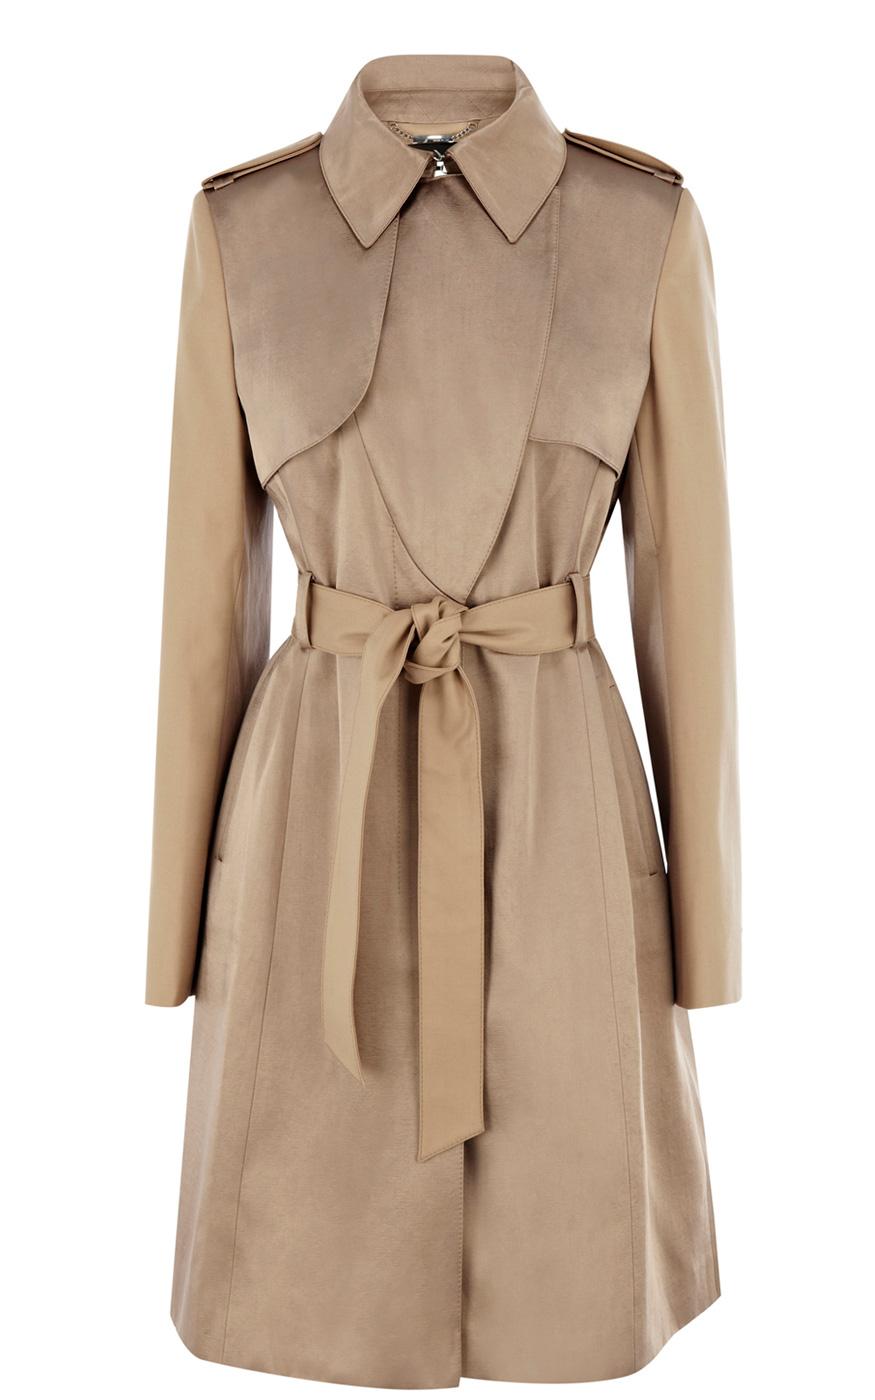 Karen millen satin fabric mix trench coat in natural lyst